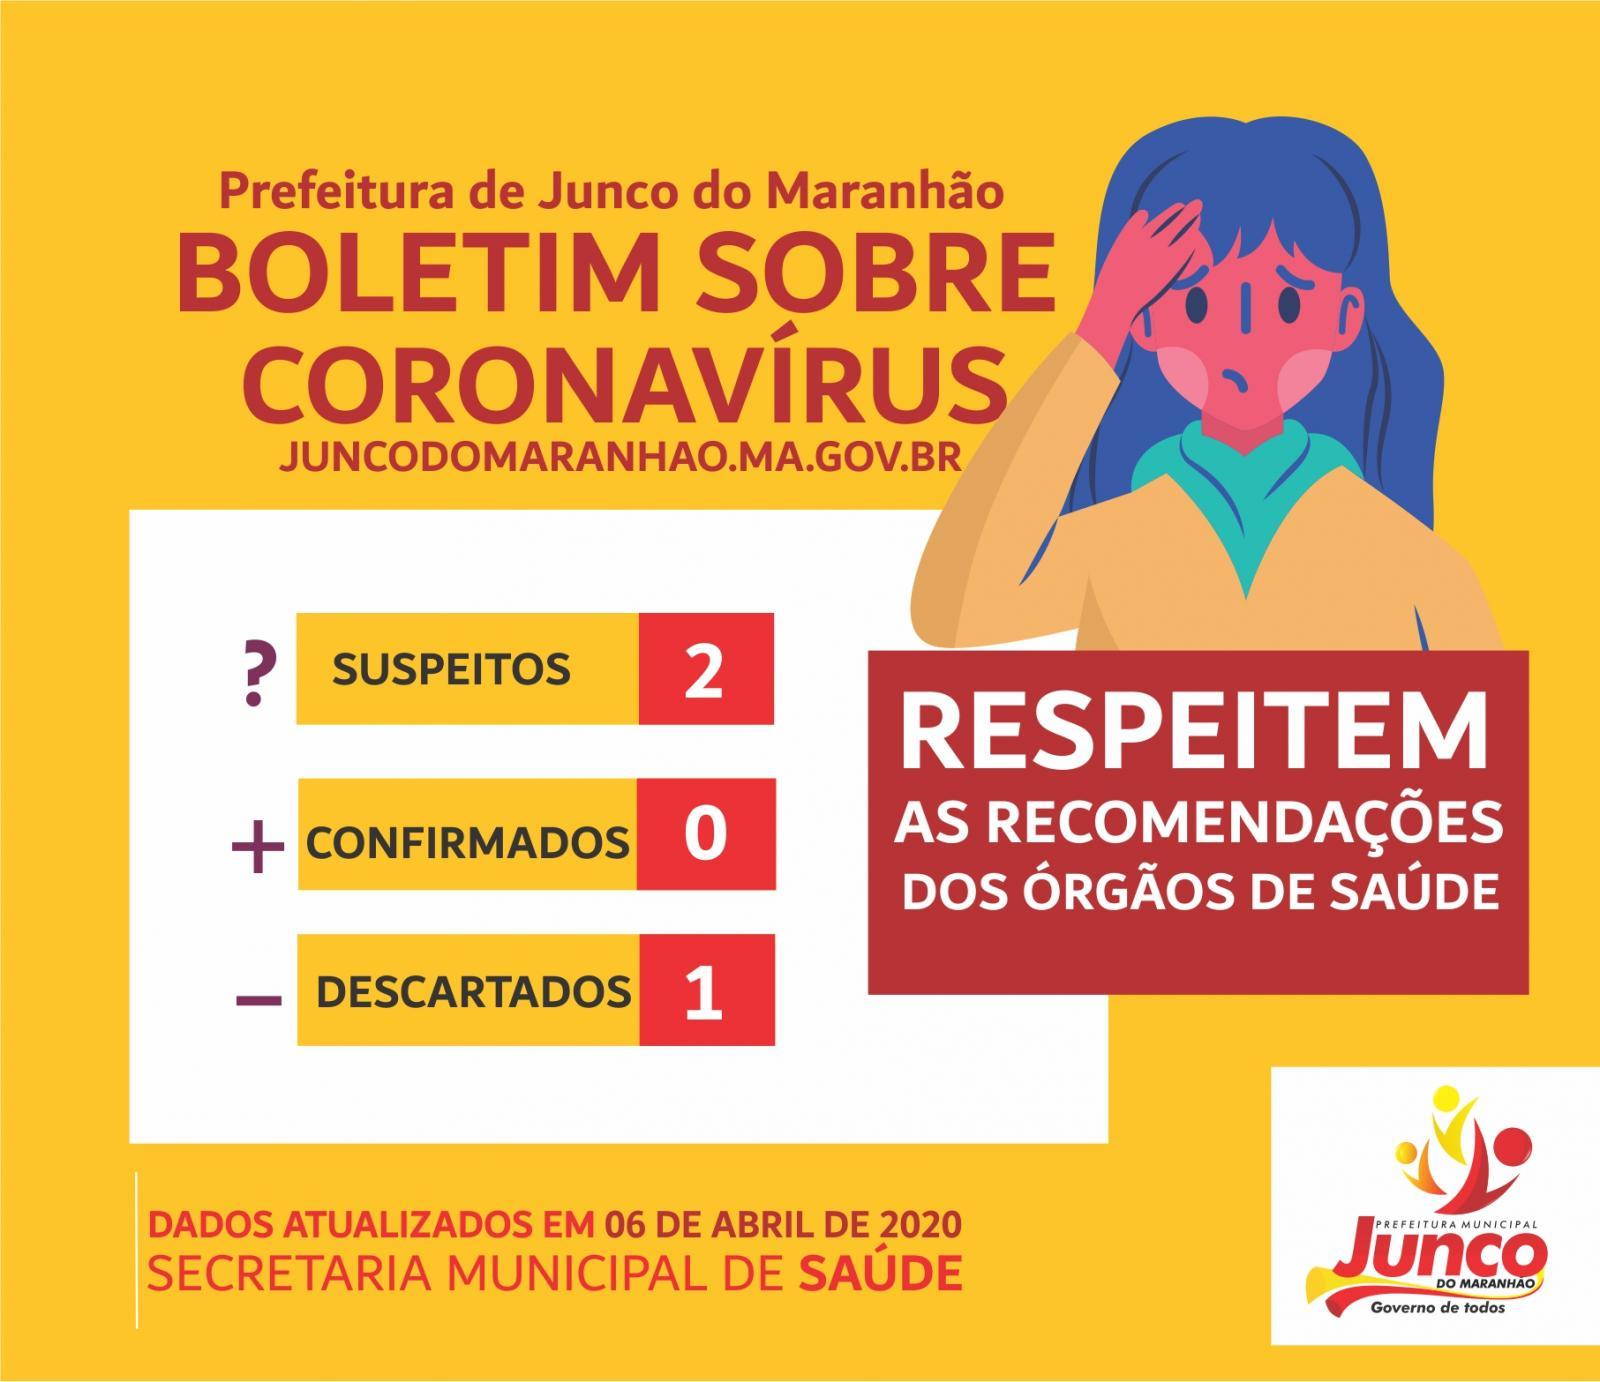 Coronavírus: Junco do Maranhão tem 1 caso descartado e 2 casos suspeitos